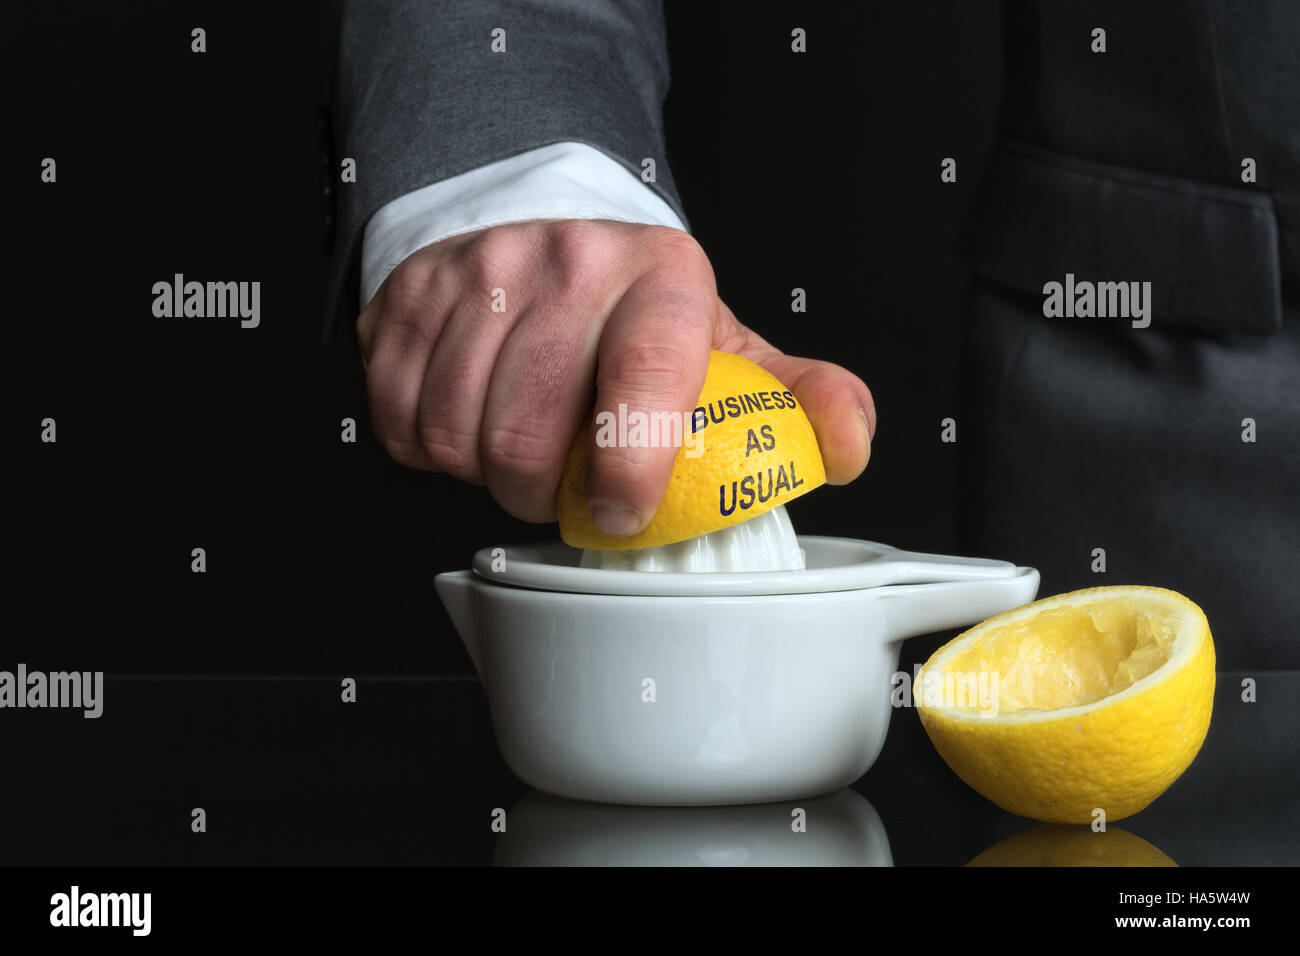 Concept pour affaires comme d'habitude avec du citron et un homme Photo Stock